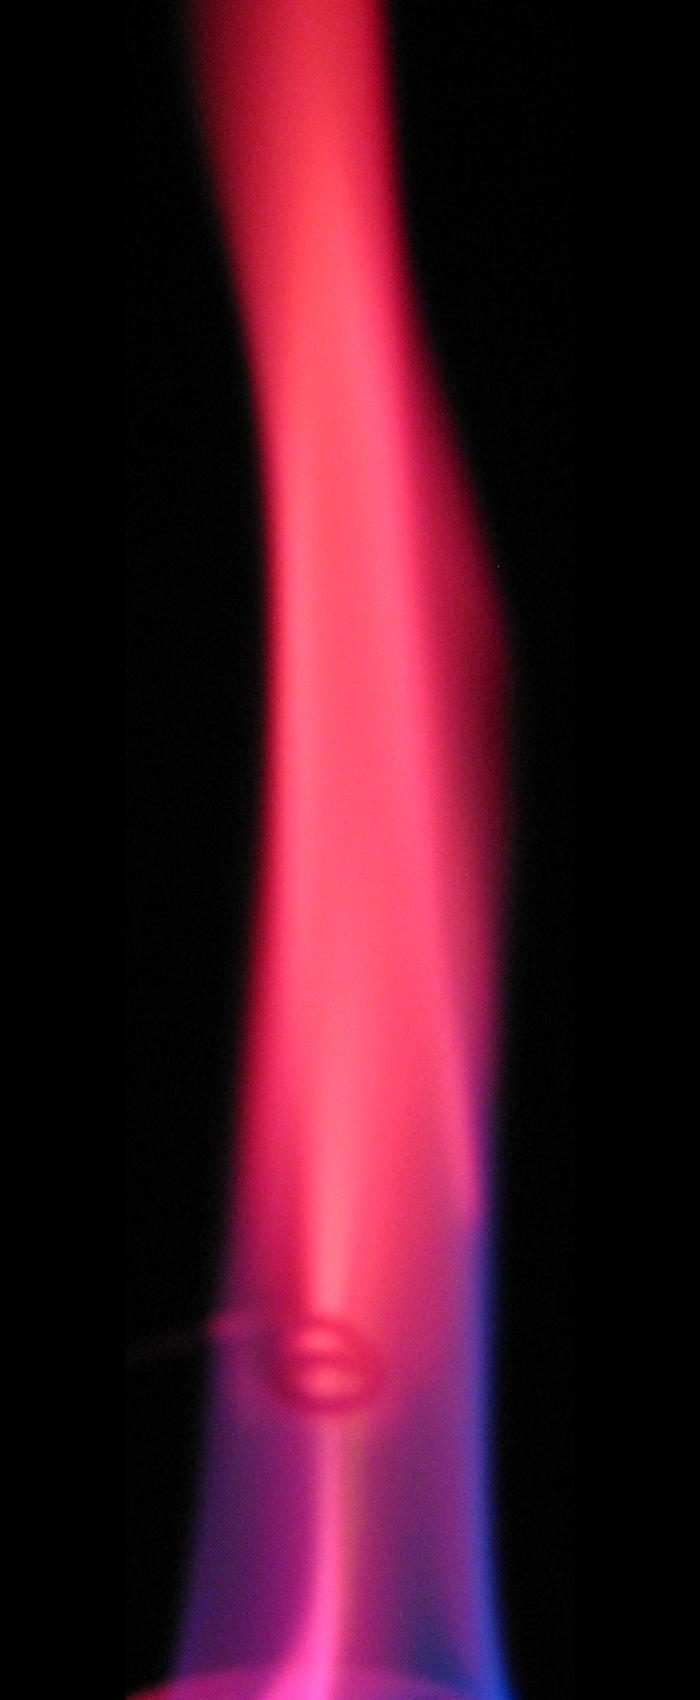 Соли лития окрашивают пламя в карминово-красный цвет